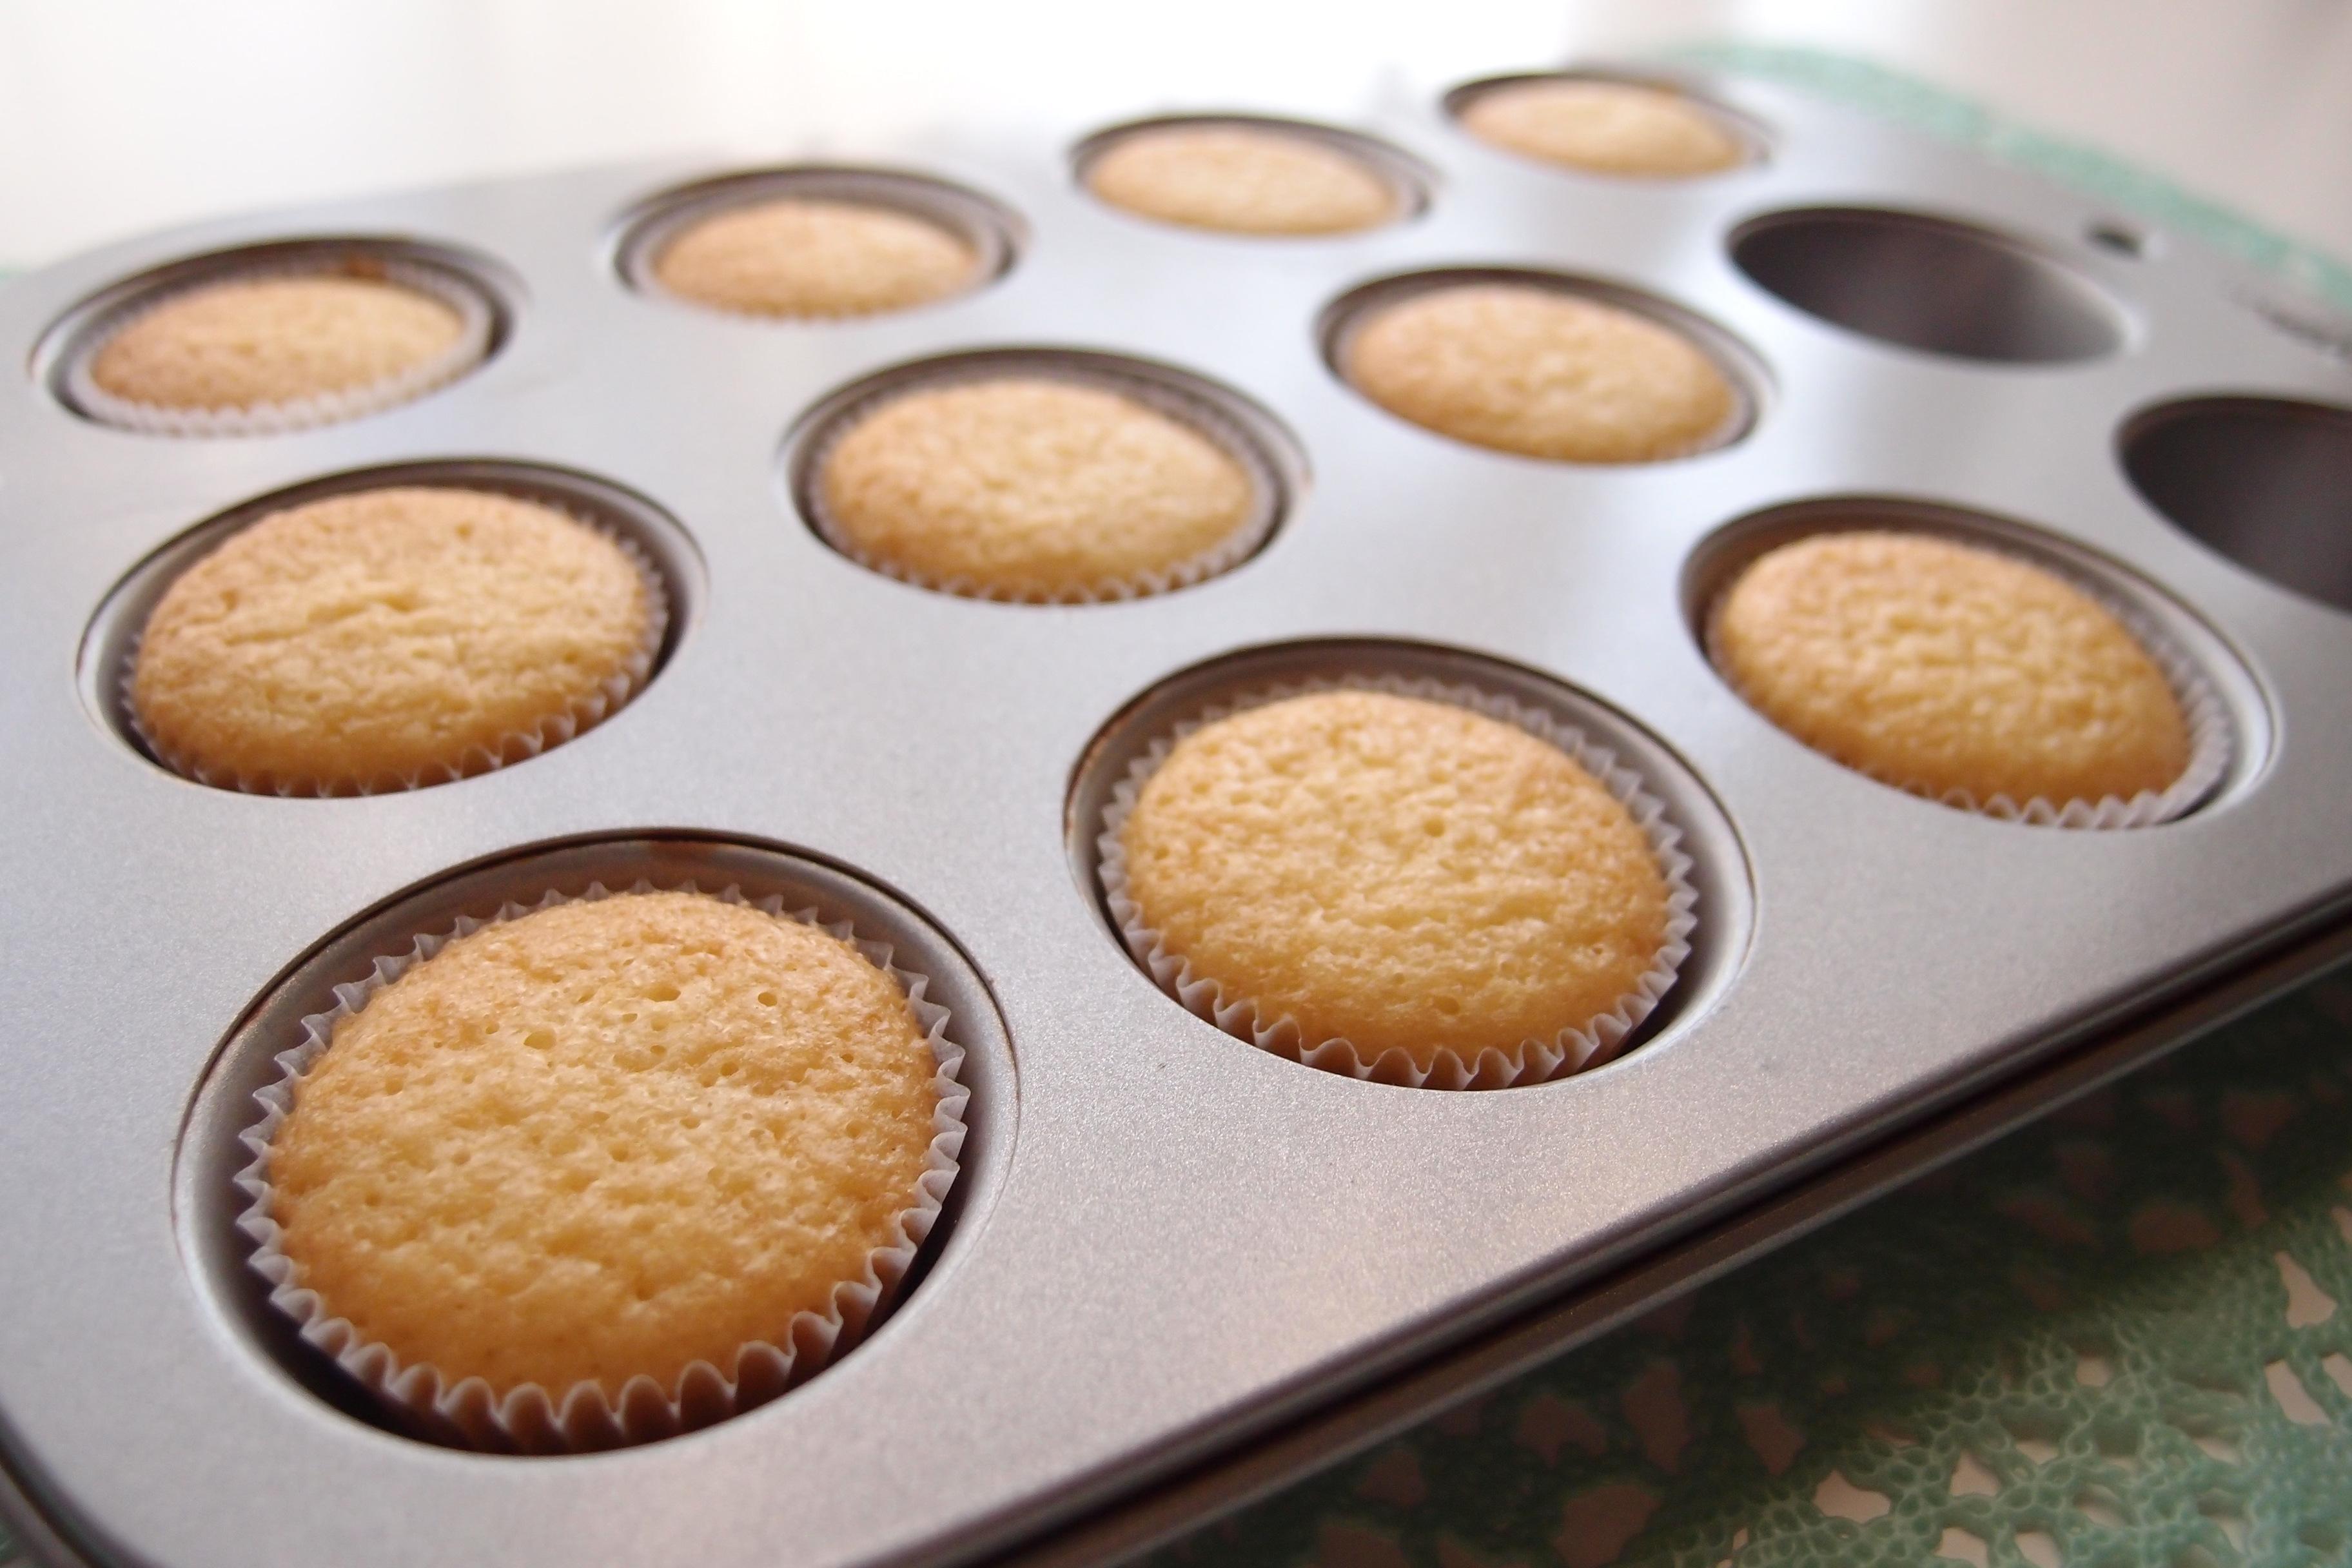 デコレーション用のカップケーキをきれいな平らに焼く方法 (カップケーキの作り方・その3)